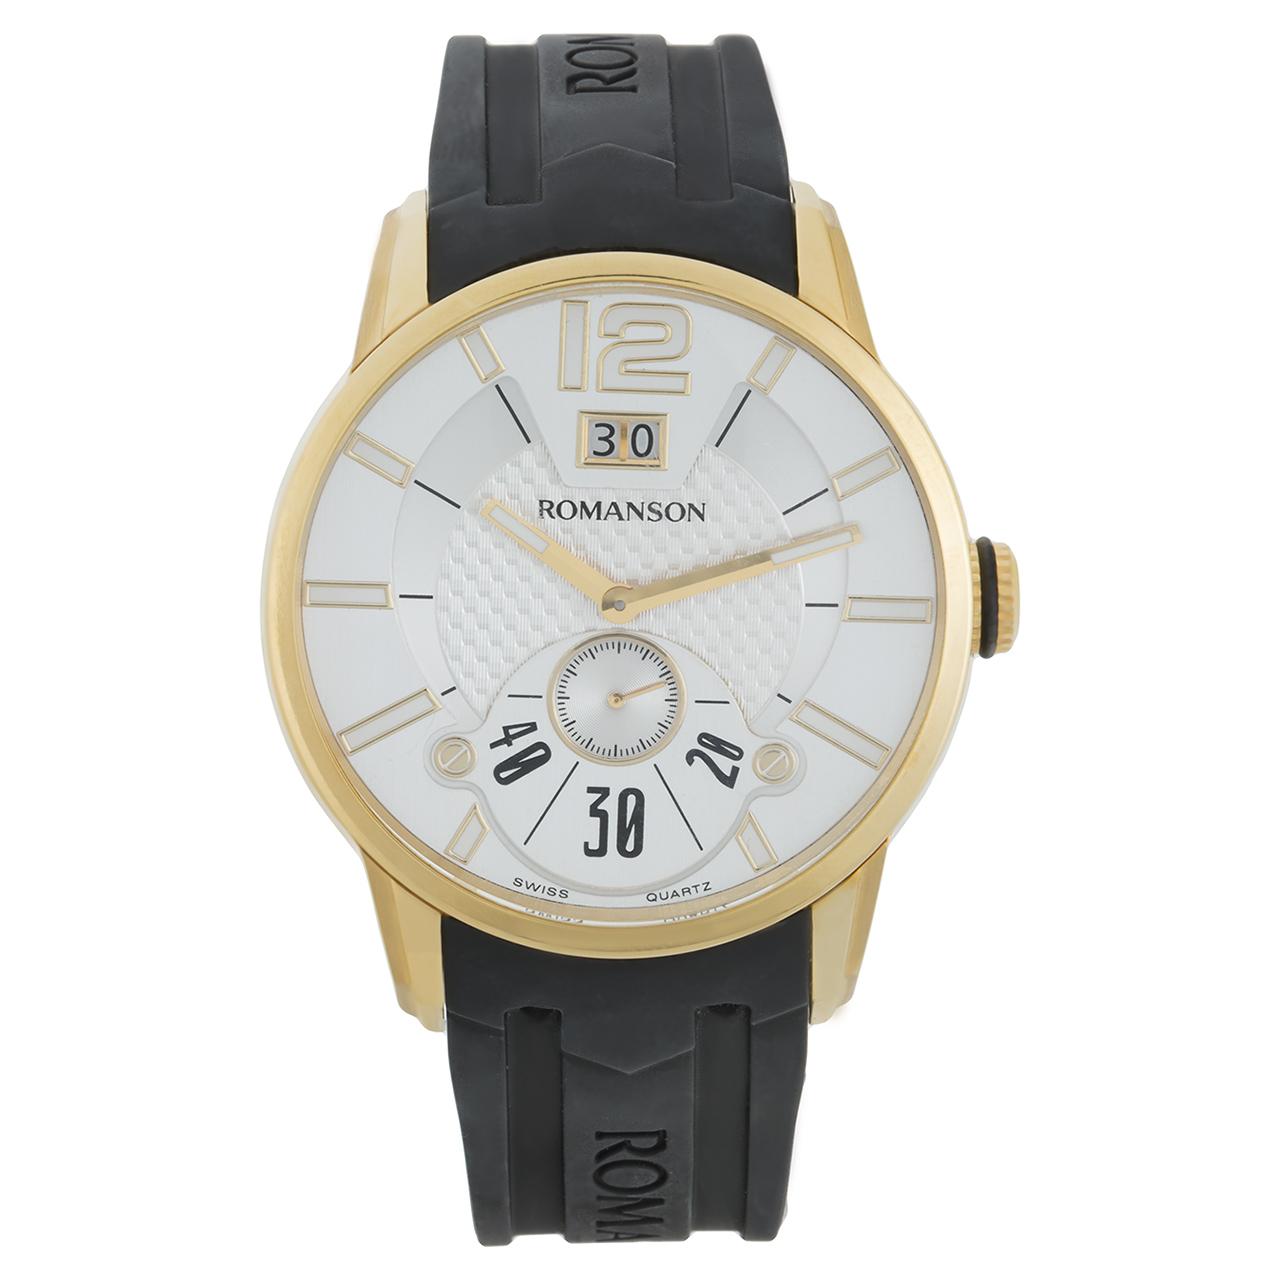 ساعت مچی عقربه ای مردانه رومانسون مدل TL9213MM1GAS1G